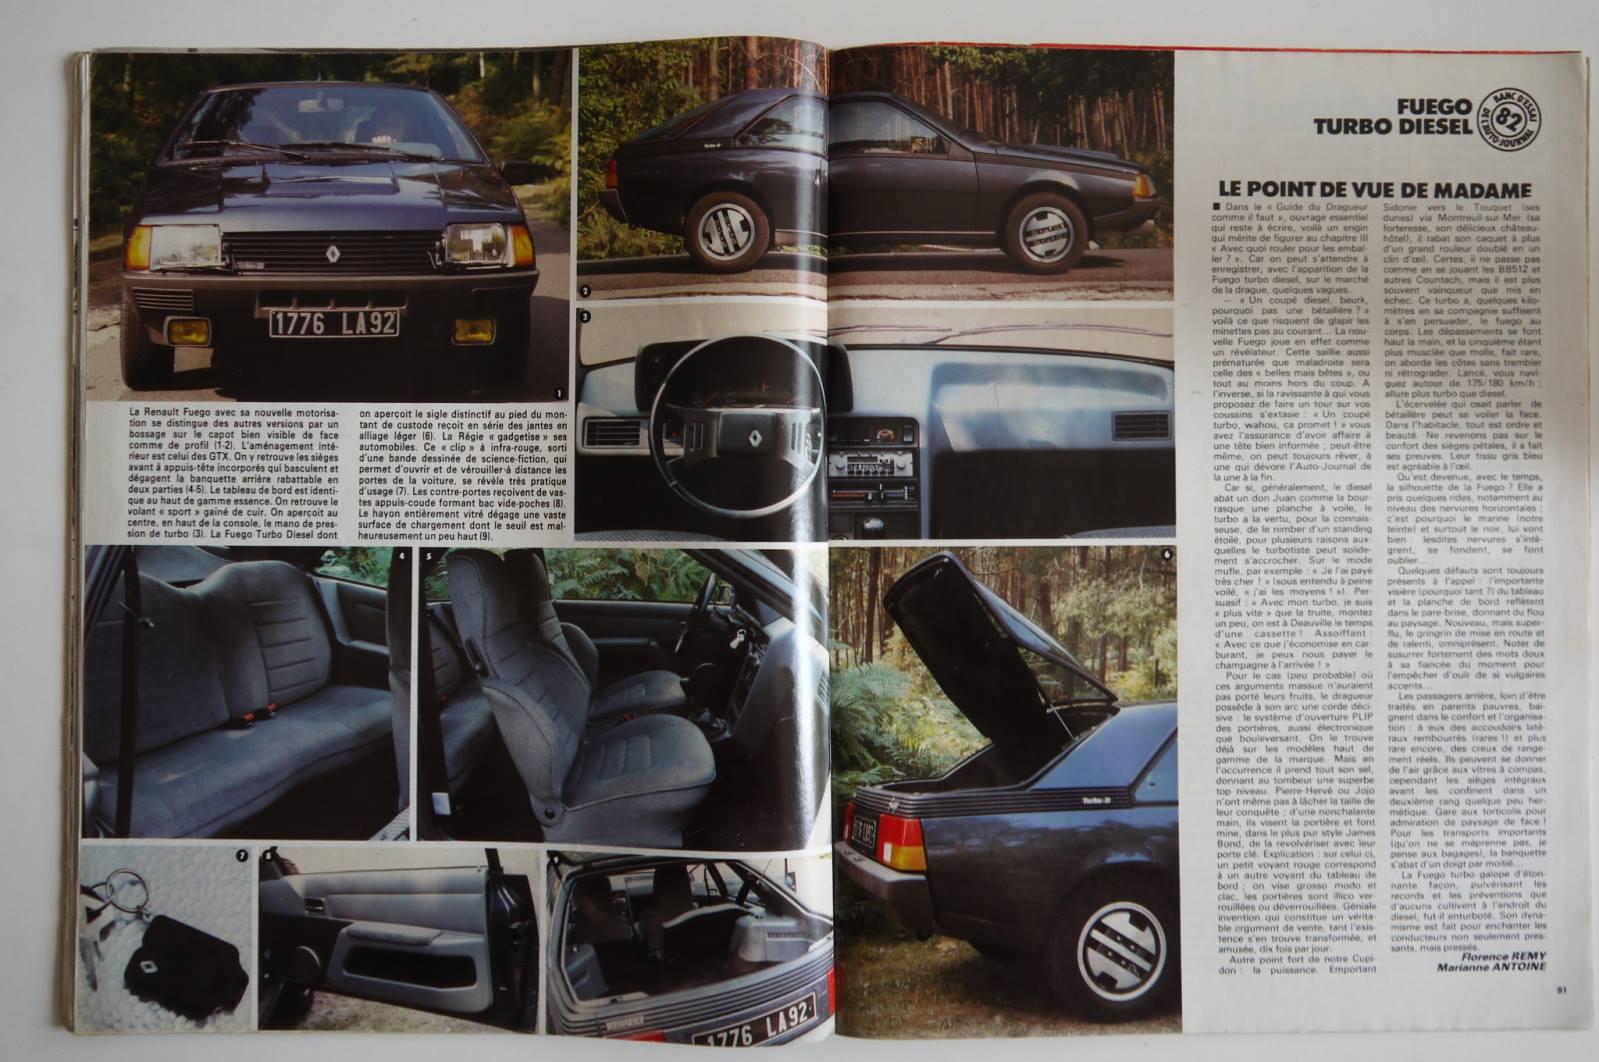 Renault-Fuego-Diesel--1982-4